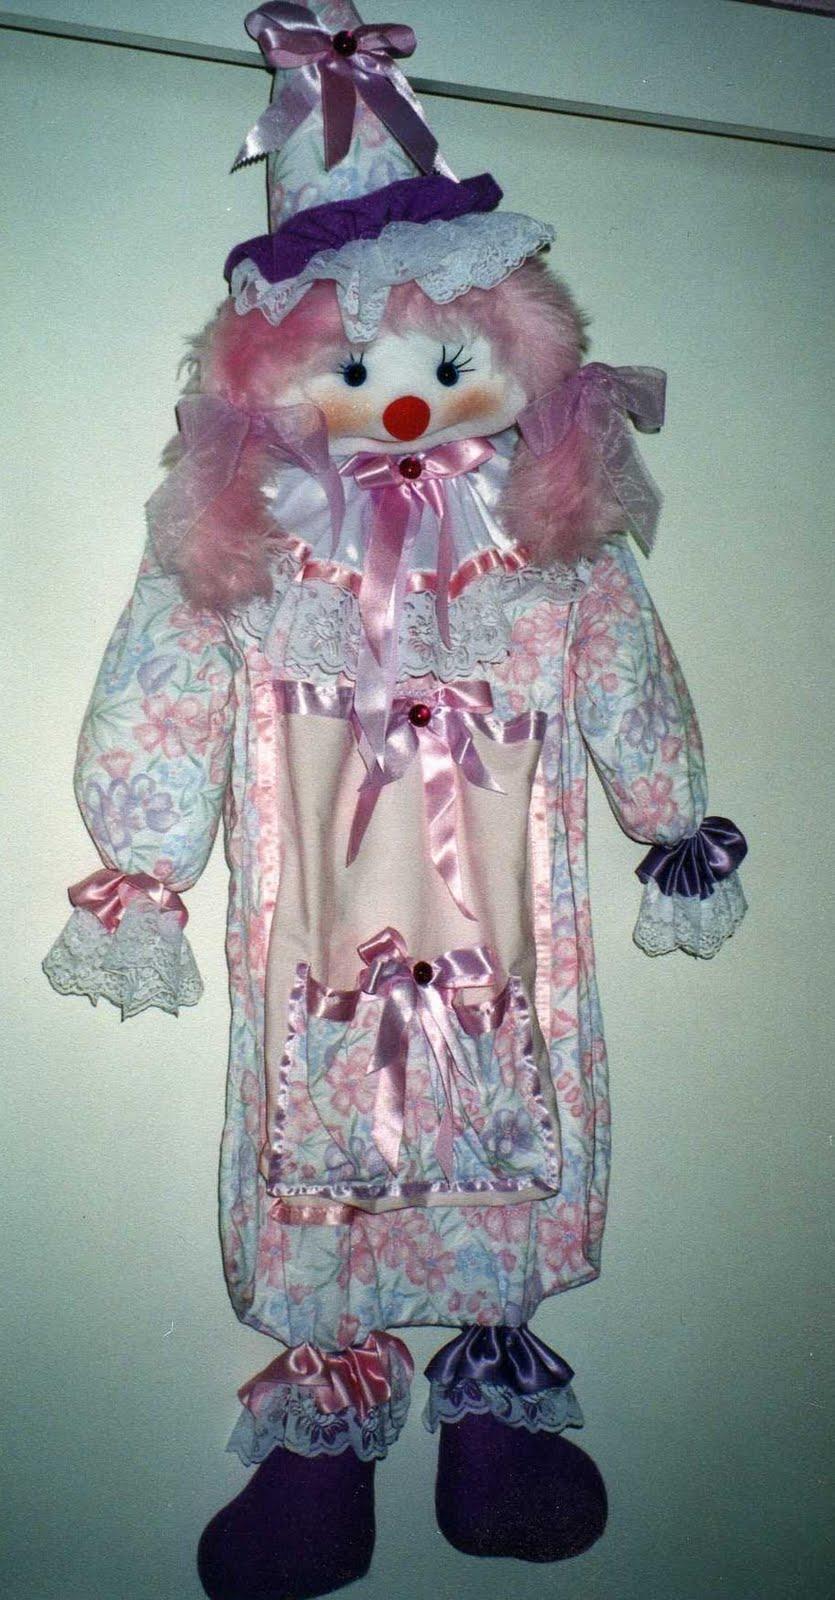 Elena ideas y artesanias payaso para guardar la ropa del bebe - Baules para guardar ropa ...